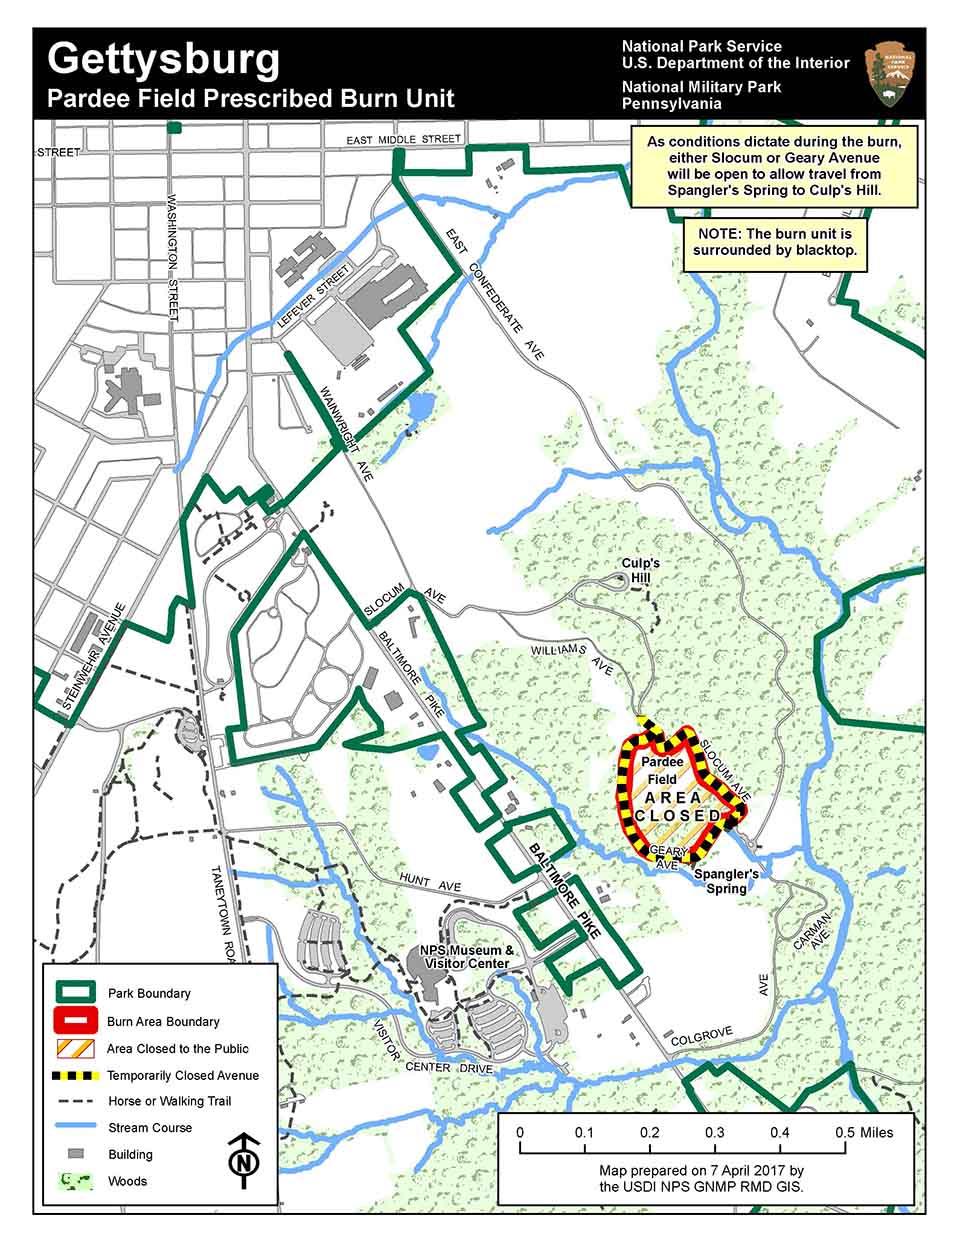 Pardee Field Prescribed Burn Gettysburg National Military Park - Gettysburg-on-us-map